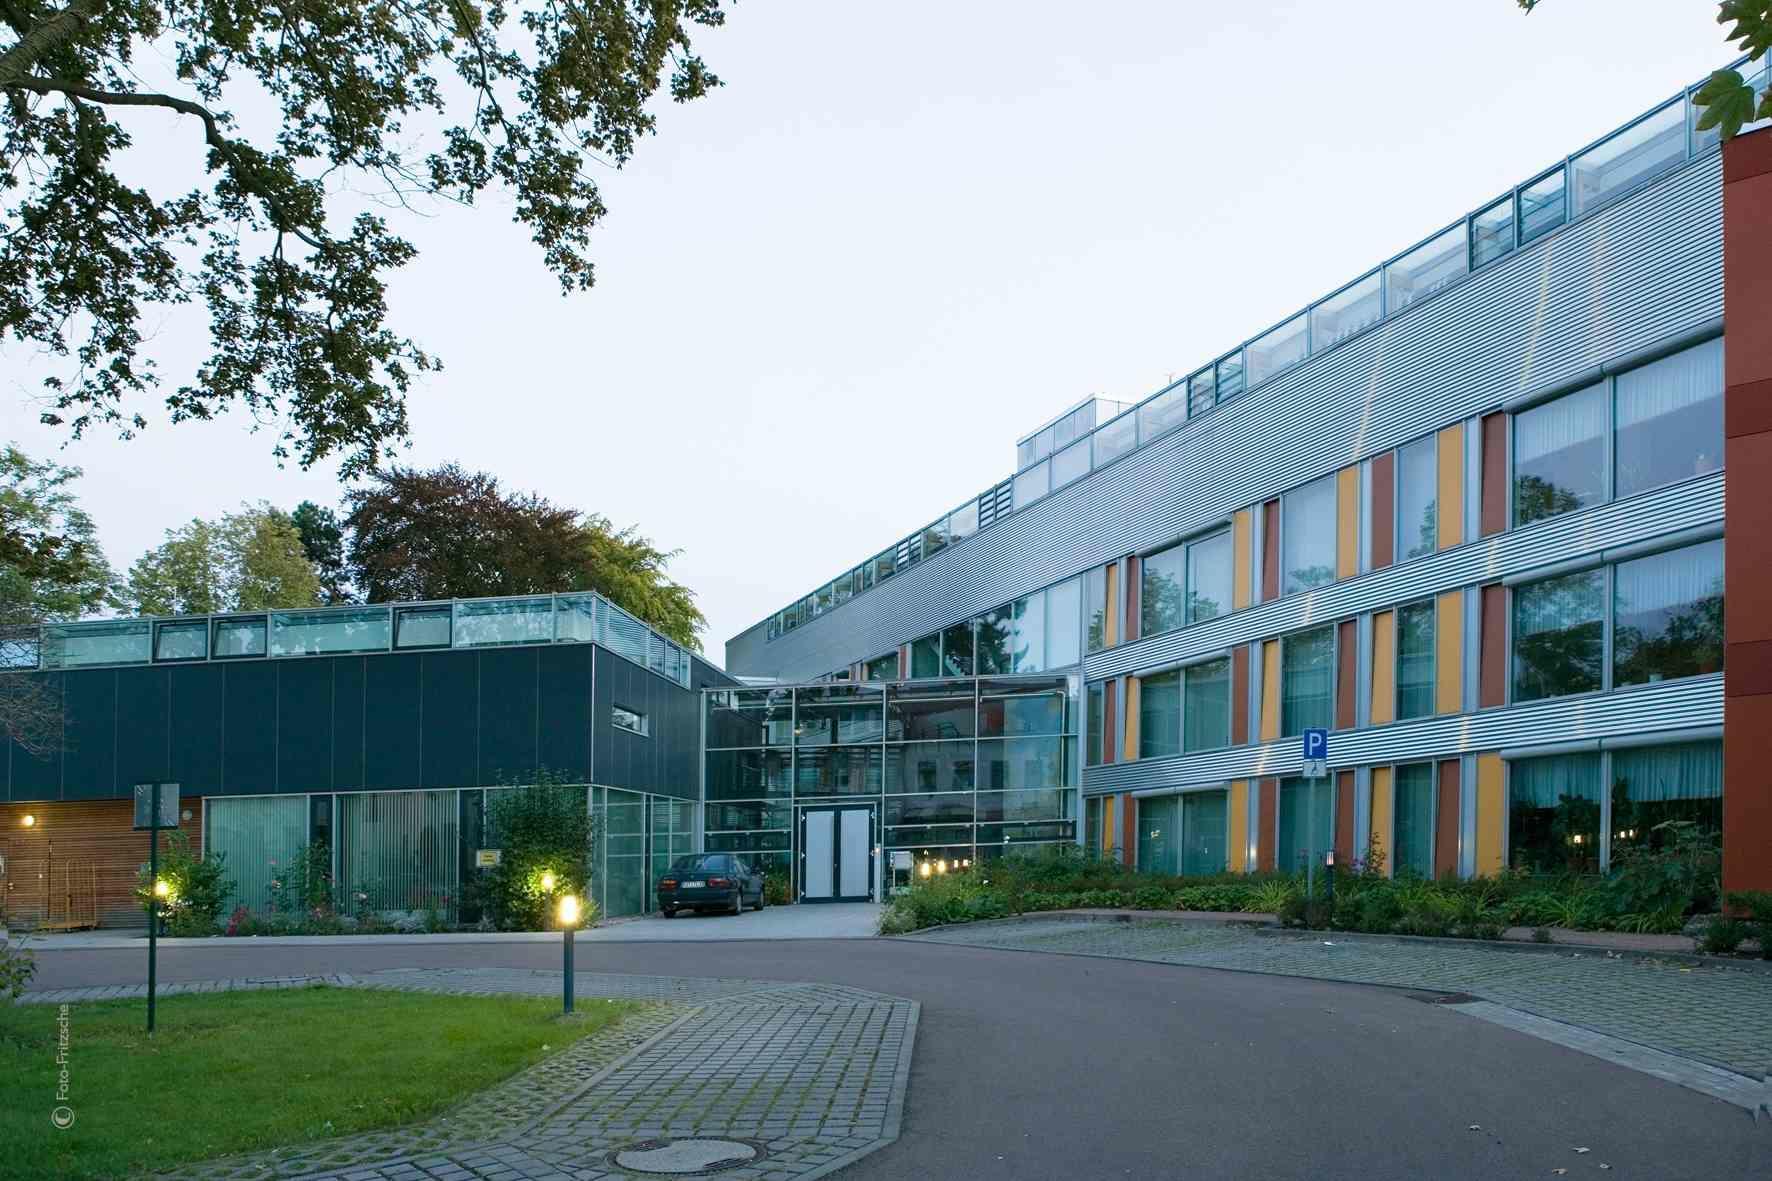 Städtisches Pflegeheim Am Lutzepark